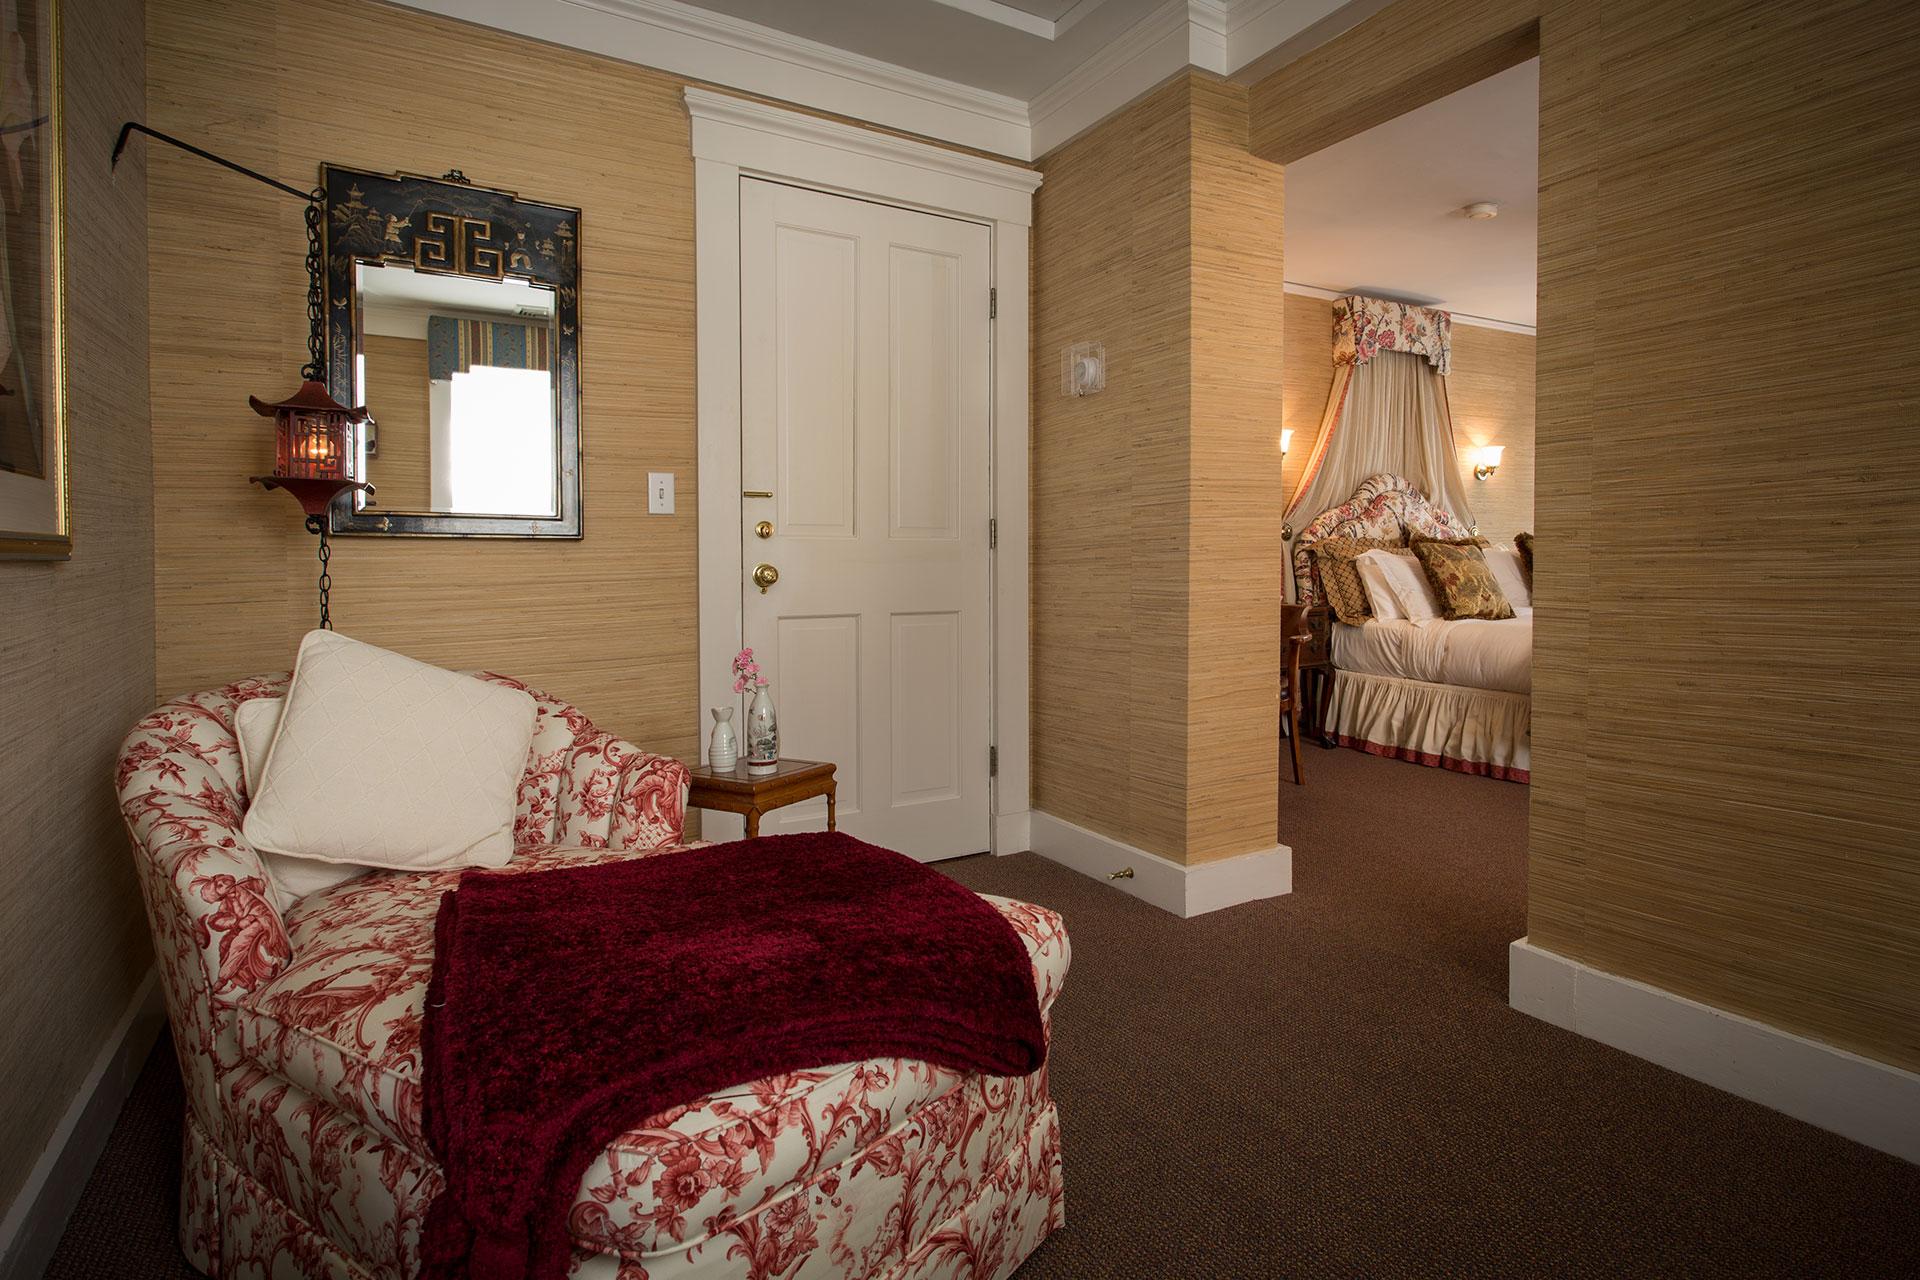 The Matthew Sitting Room at La Farge - Newport, RI